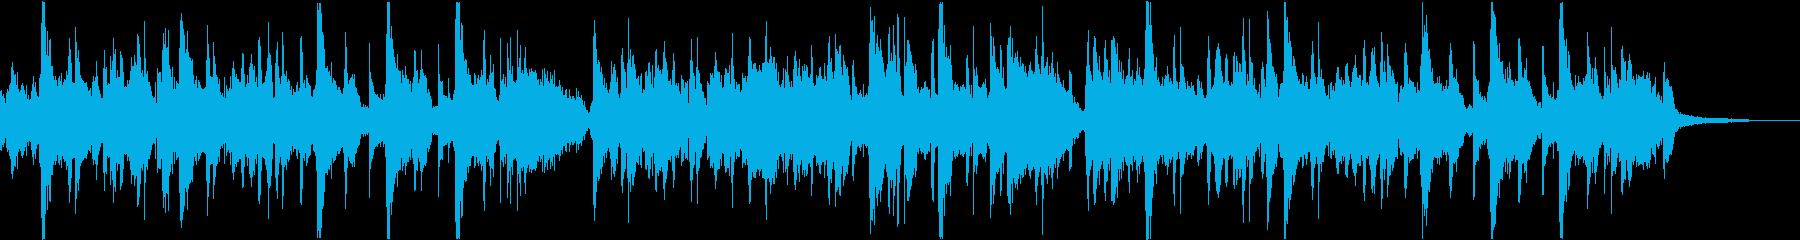 いちじくをテーマにした楽曲の再生済みの波形